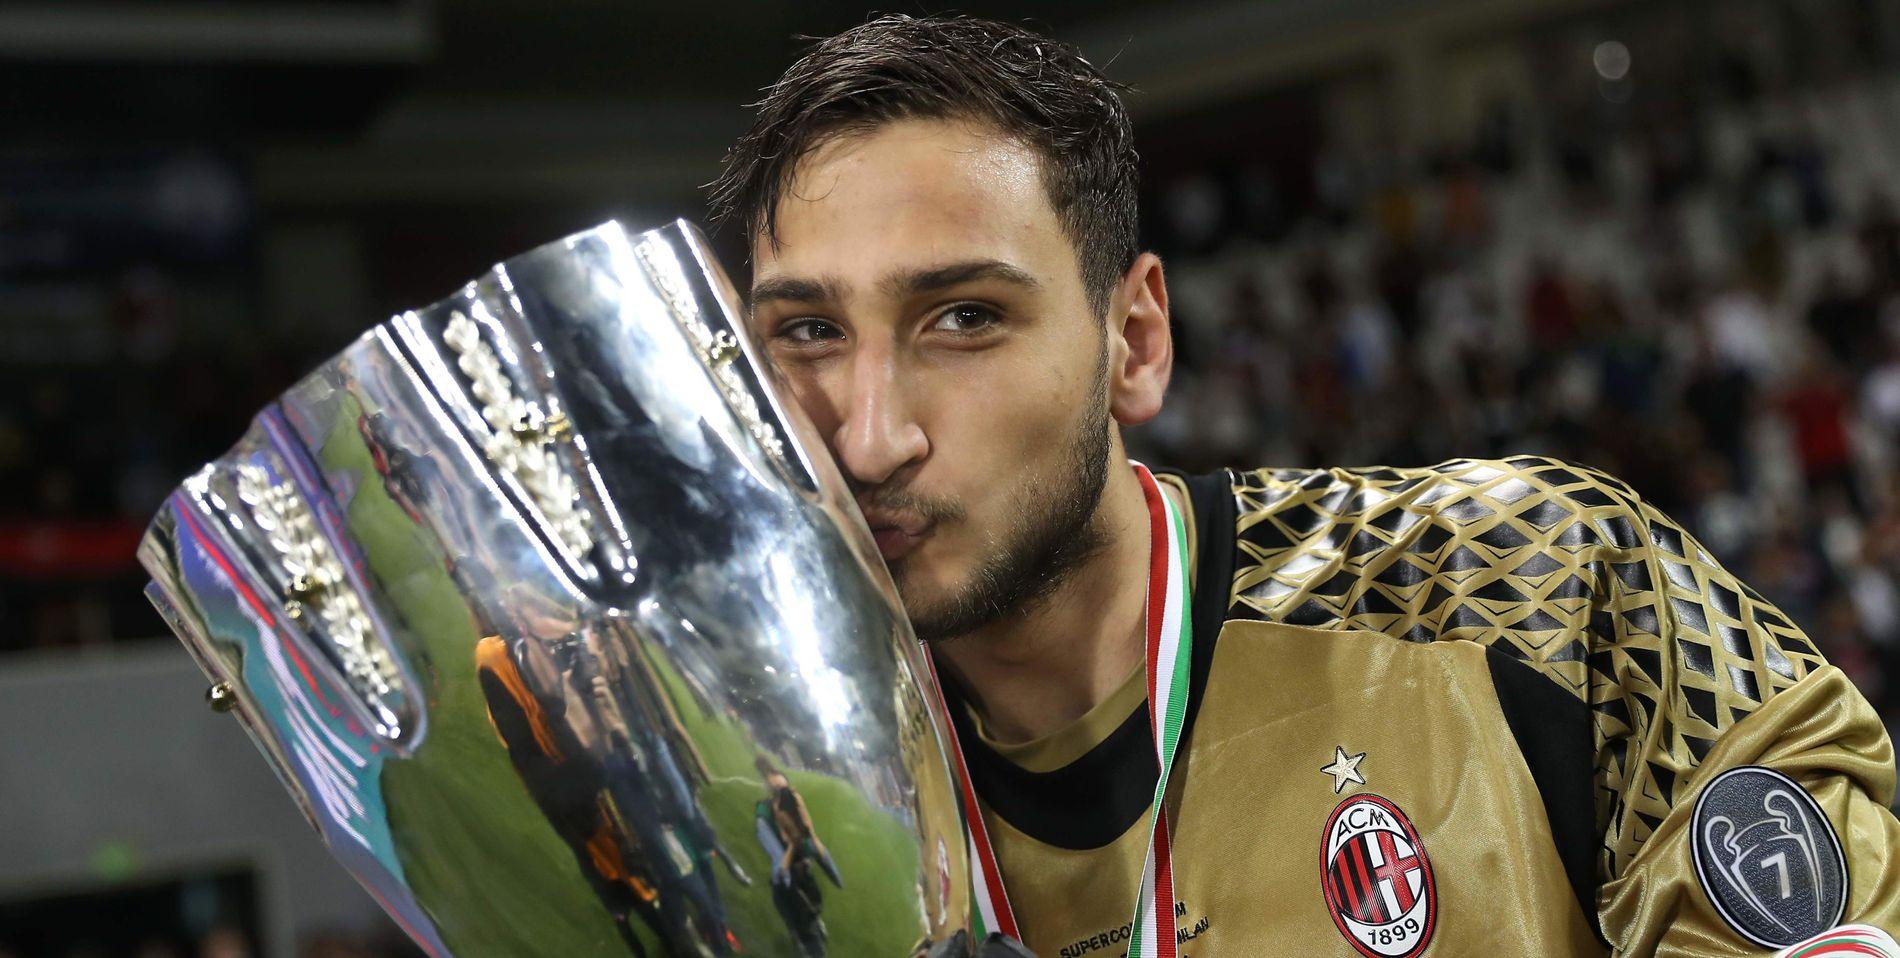 POSERER: Gianluigi Donnarumma jubler over sitt første trofé og Milans første siden 2011. Bildet er tatt etter at Milan vant italiensk Super Coppa lille julaften 2016.